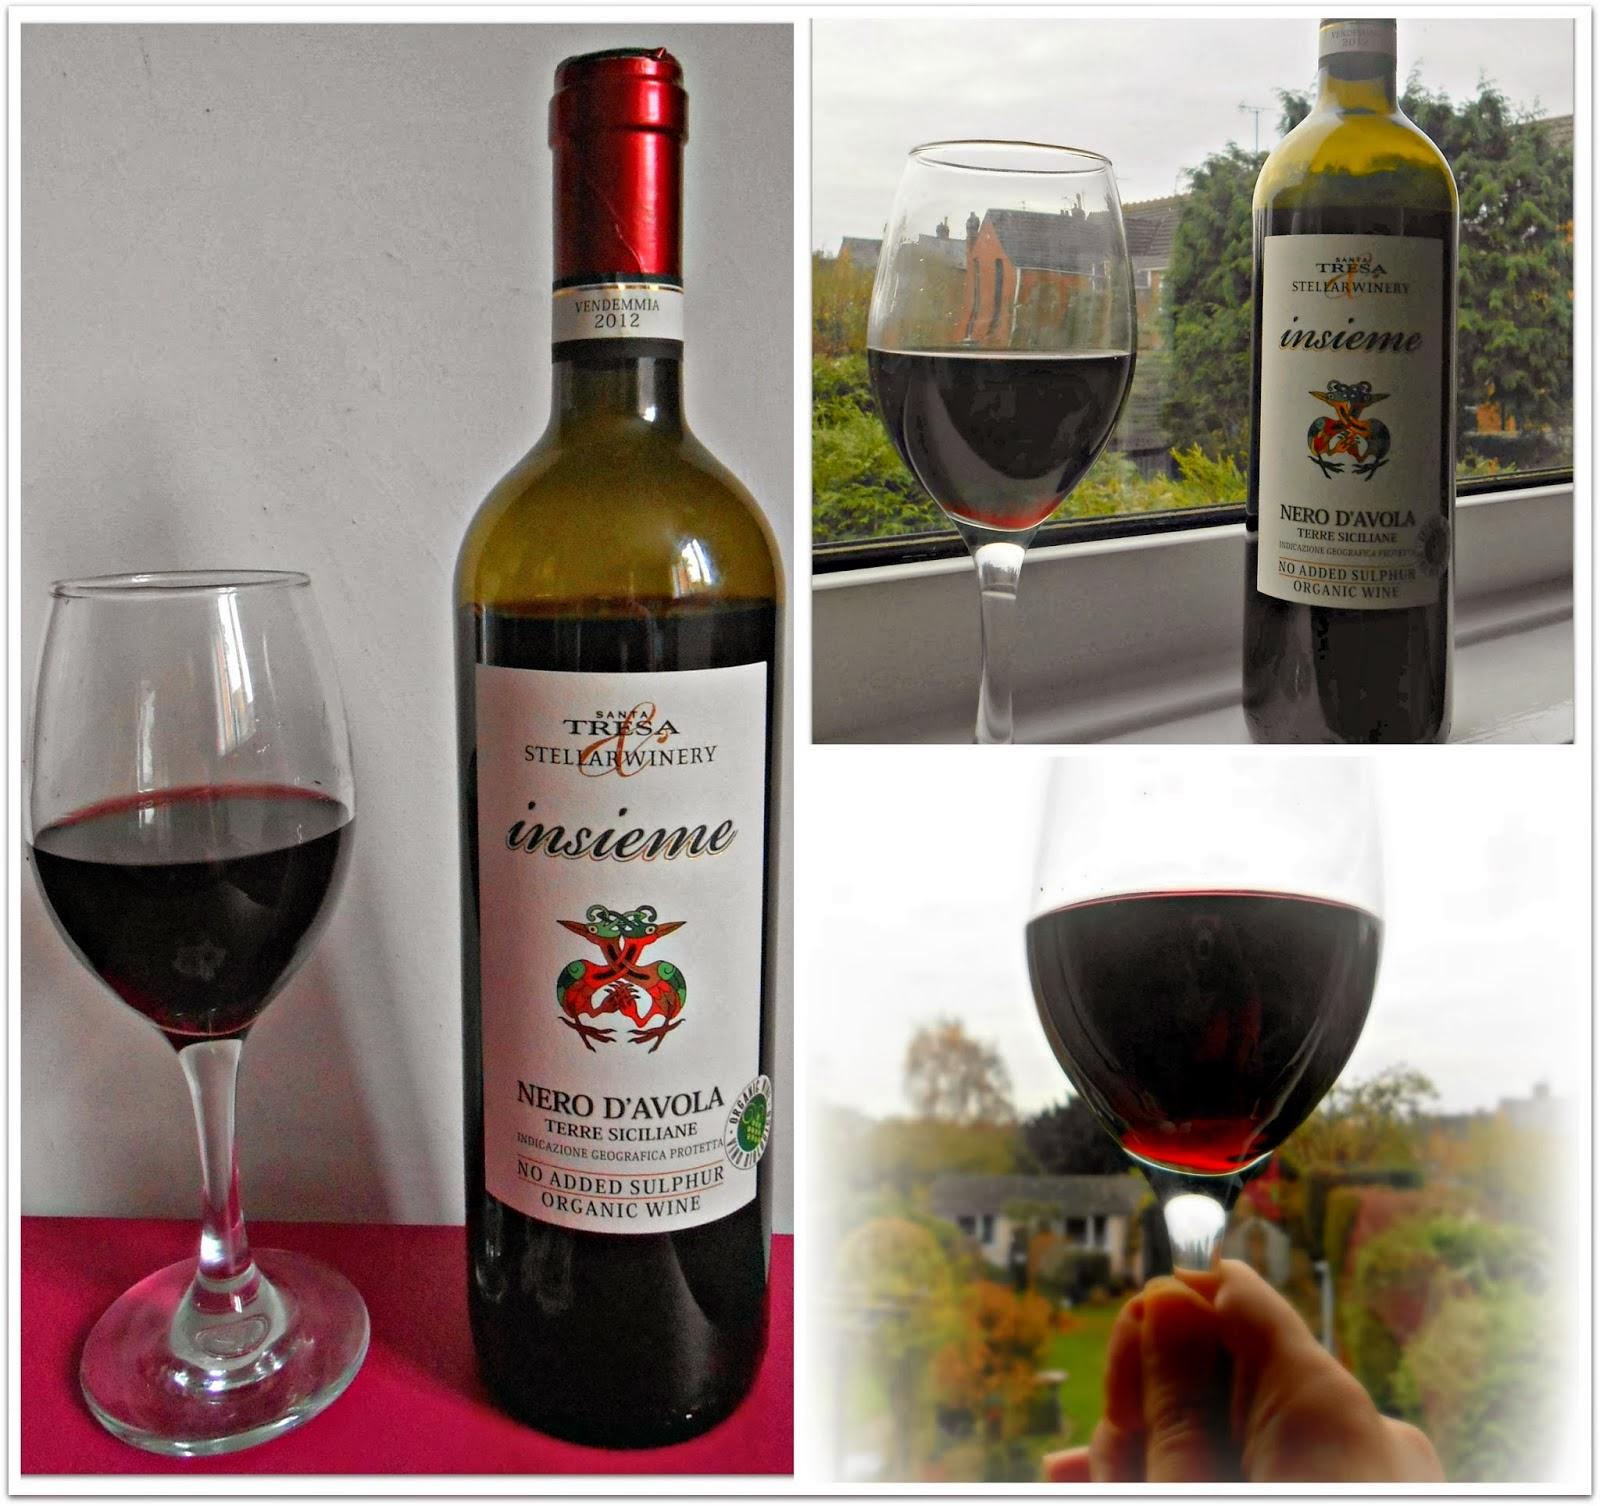 Insieme Nero D'Avola Organic Red Wine